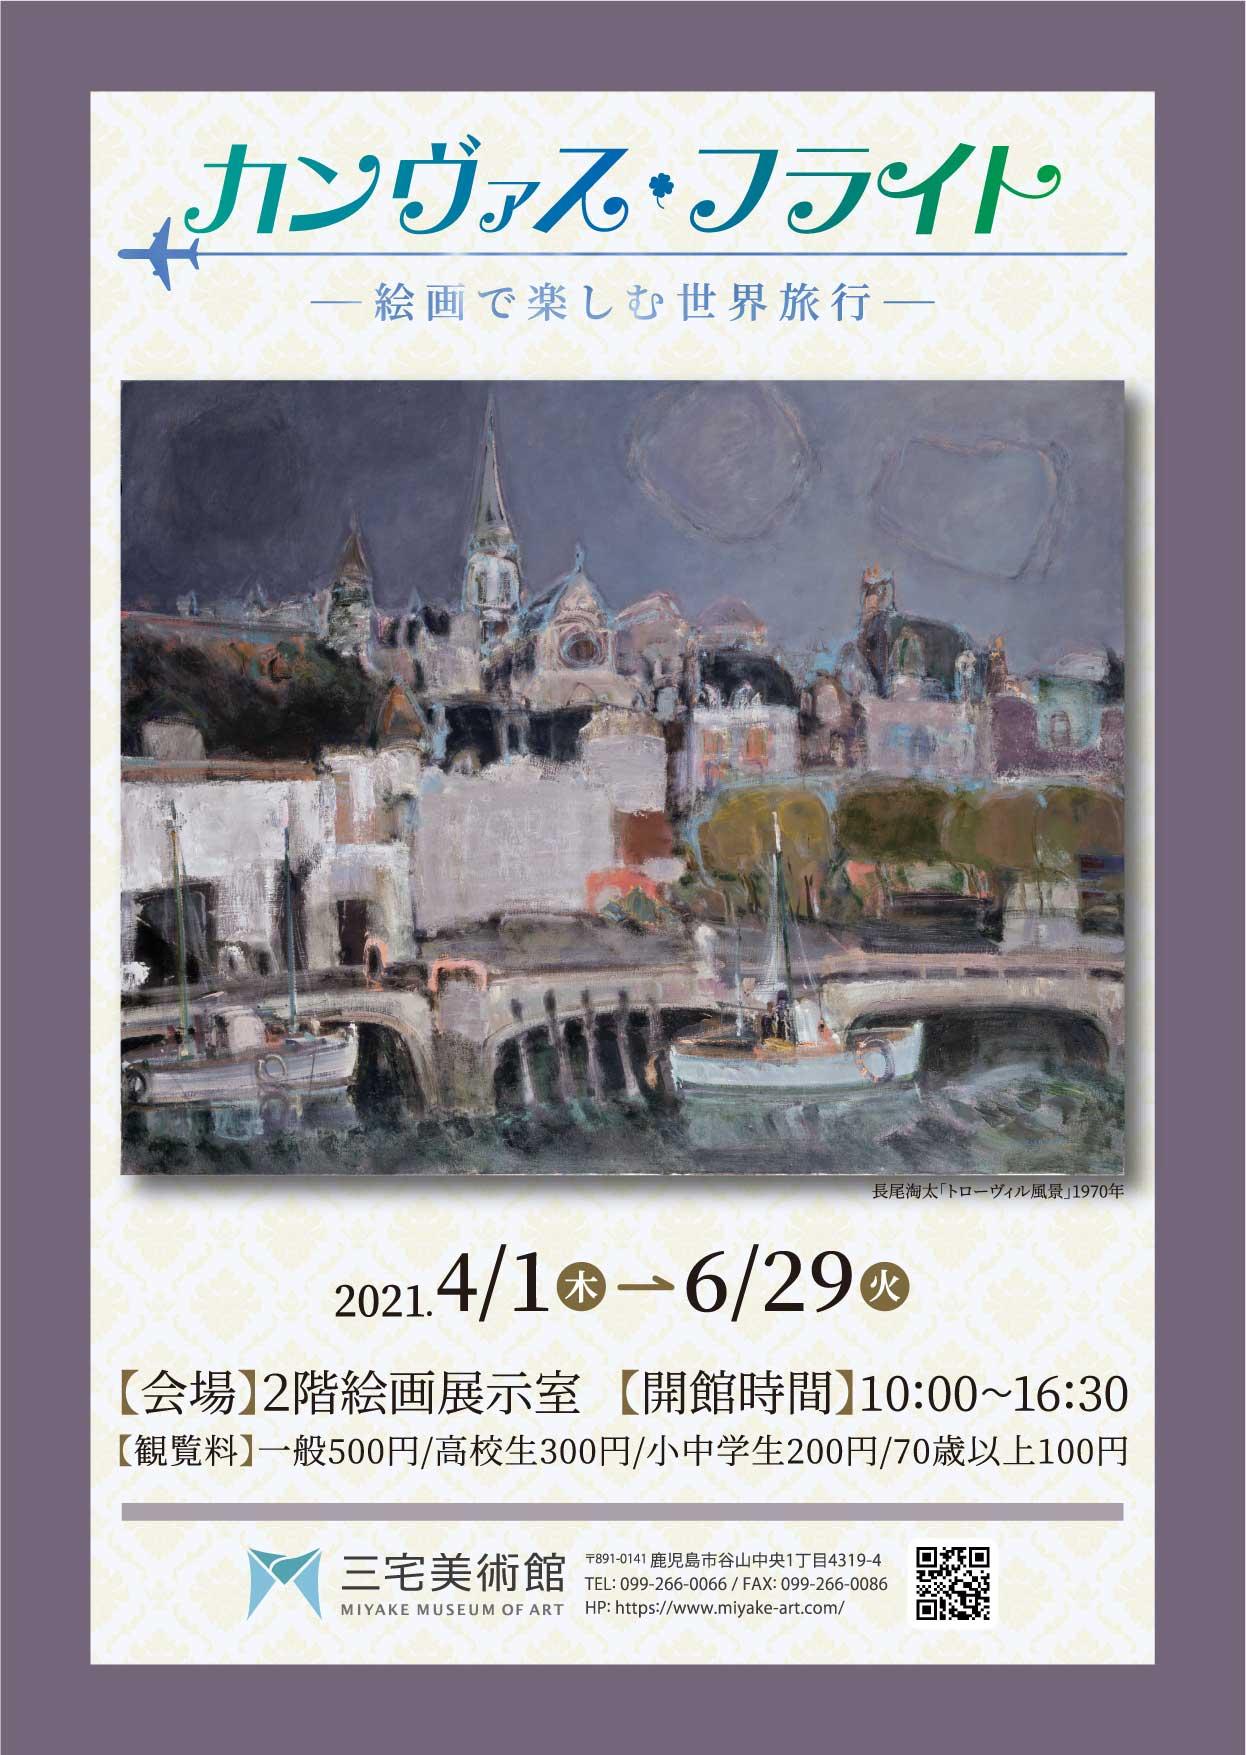 【三宅美術館】「カンヴァス・フライト」展